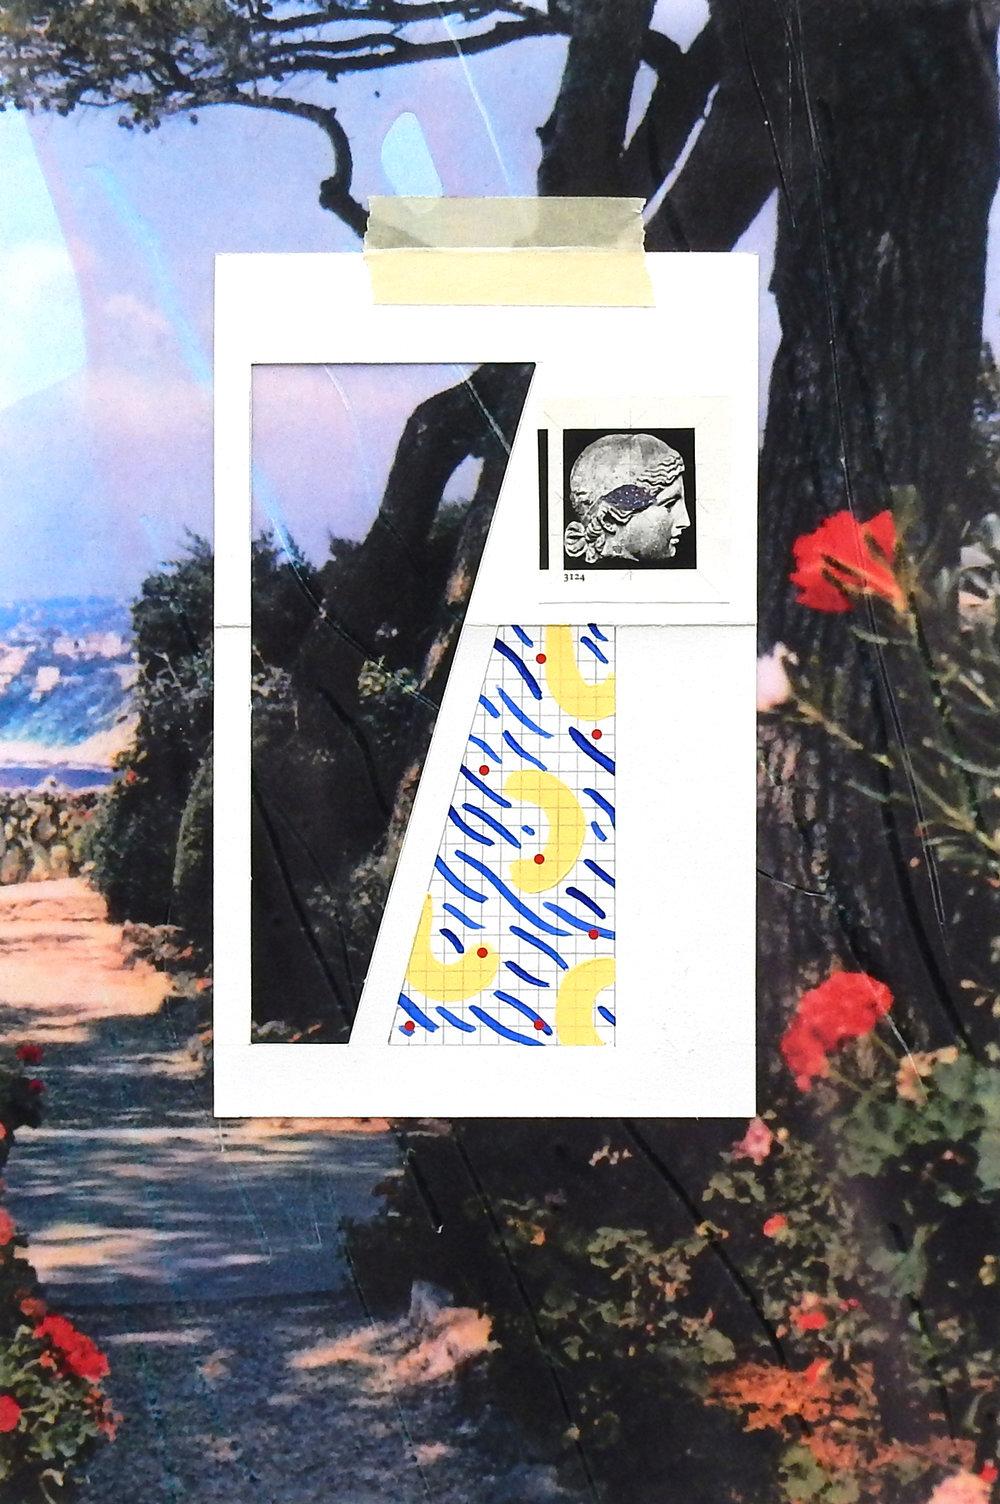 Coraline de Chiara,  Sur le motif , 2017. Collage, cire, graphite, acrylique, 42 cm x 28 cm